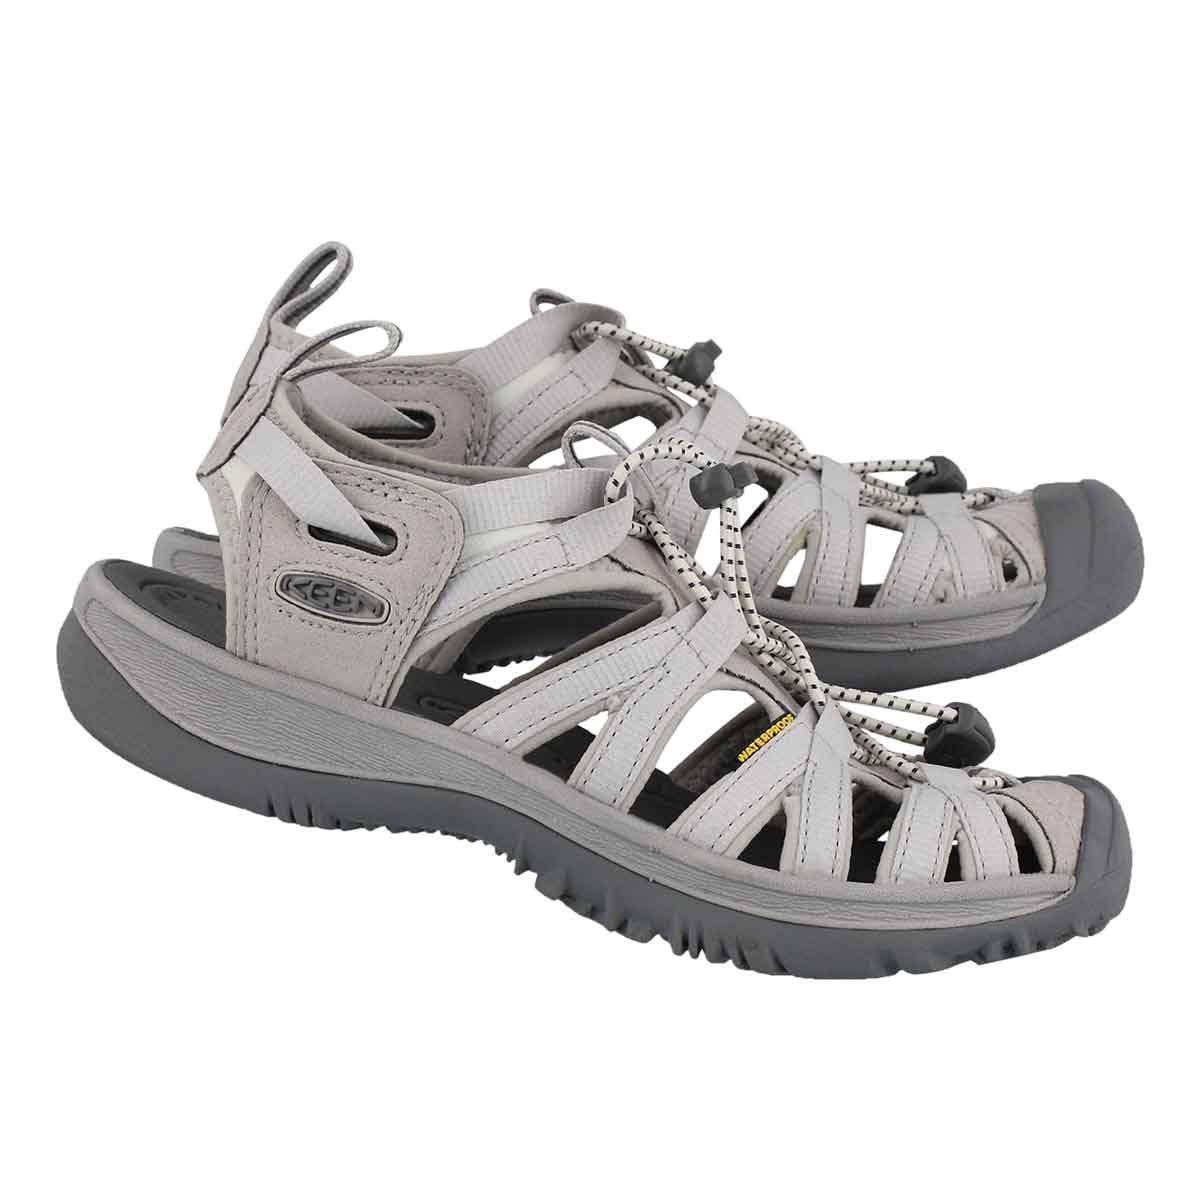 Lds Whisper vapor/steel gry sport sandal